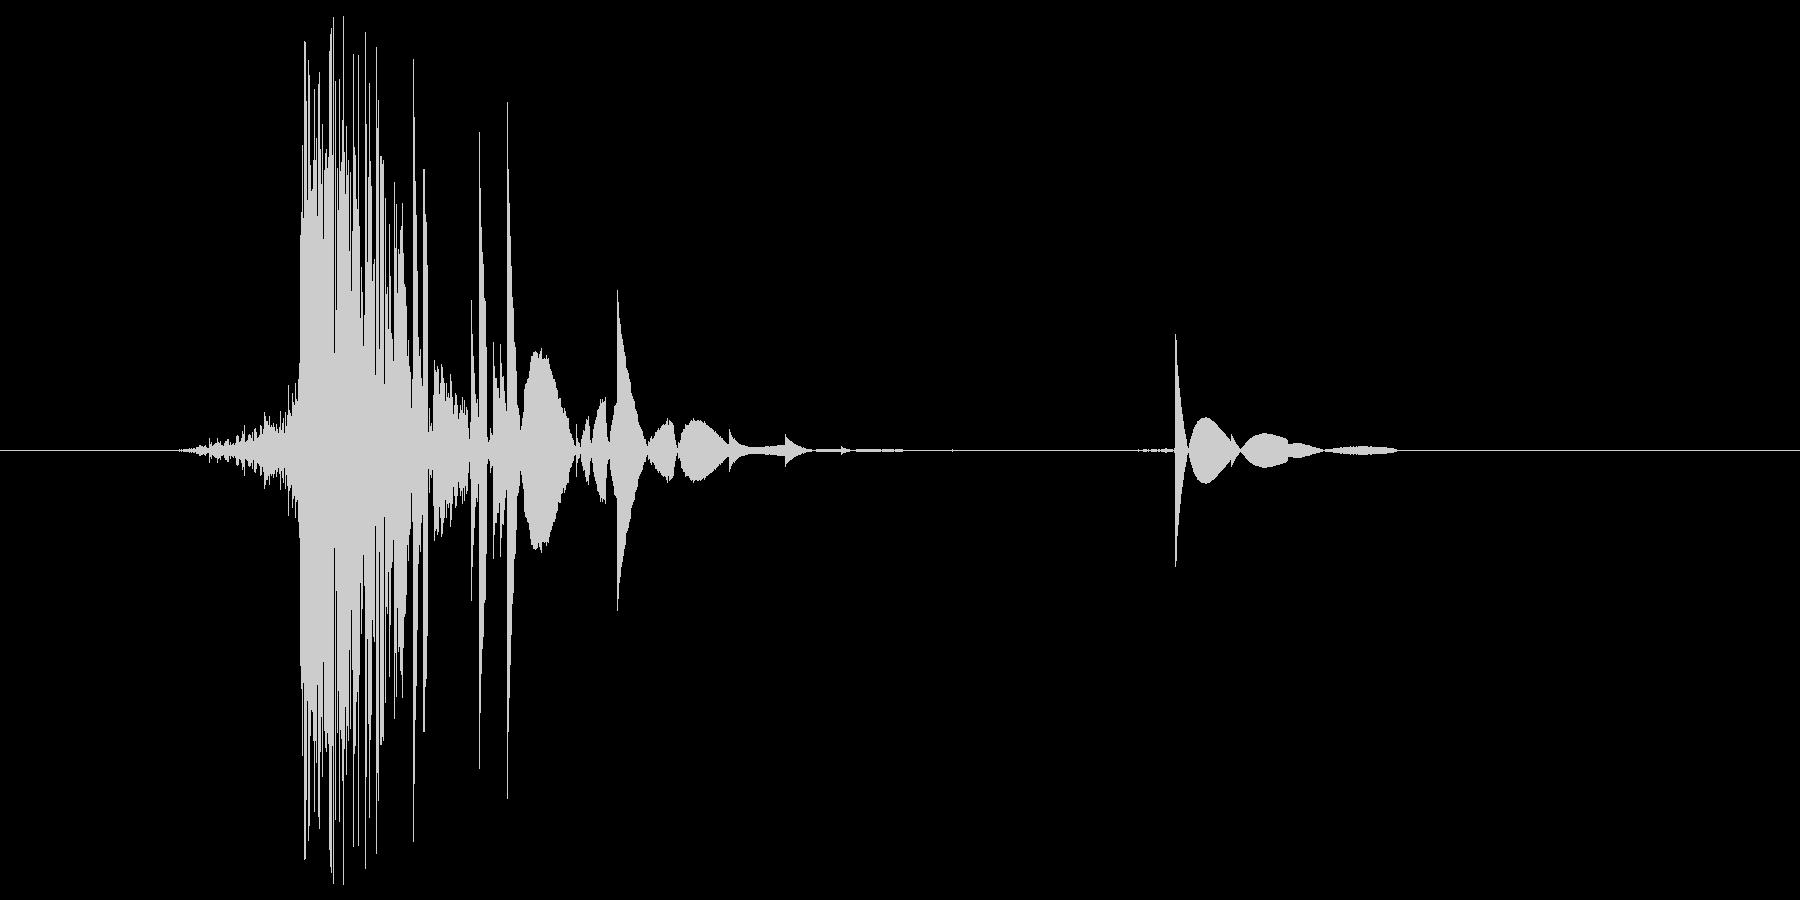 ゲーム(ファミコン風)ヒット音_023の未再生の波形